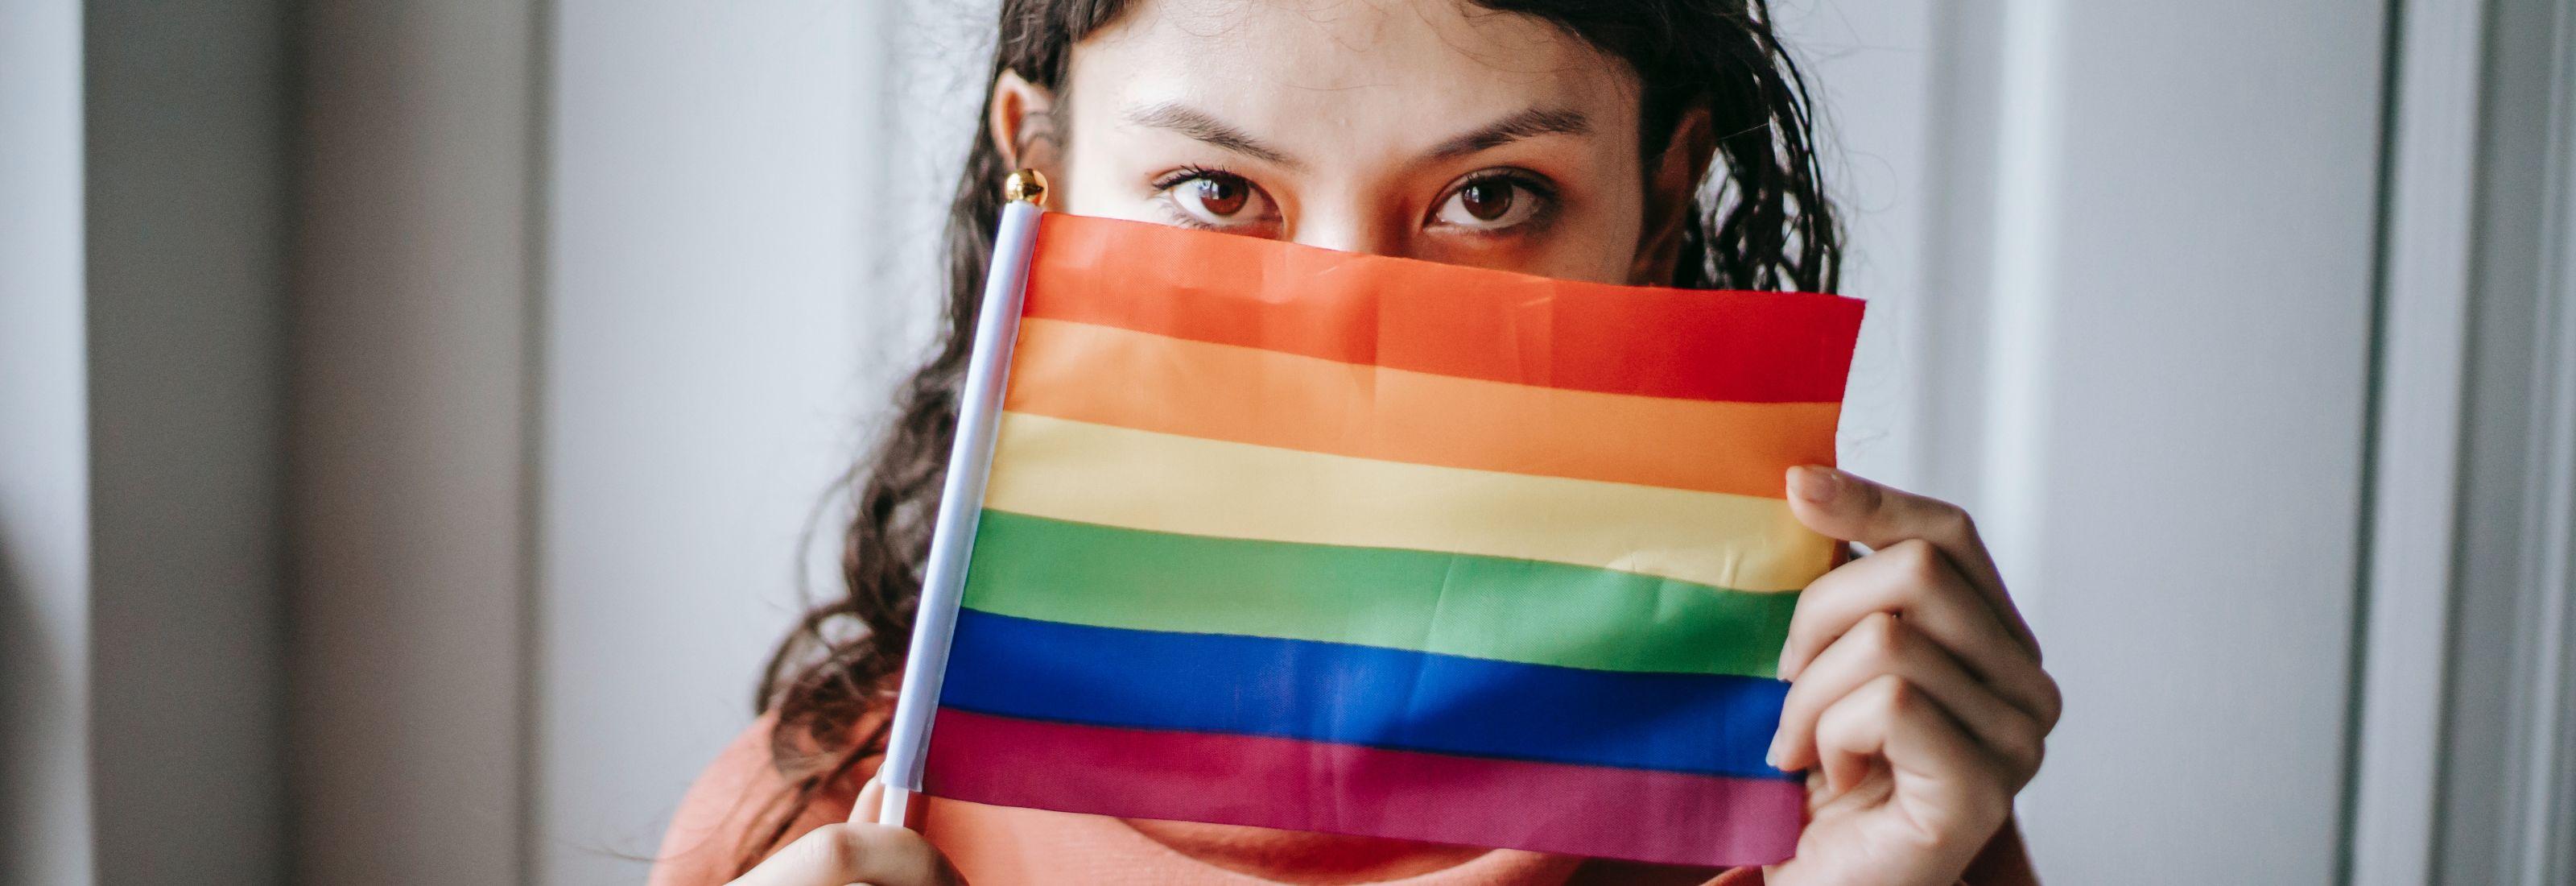 Celebrating Pride 2021 at Egon Zehnder